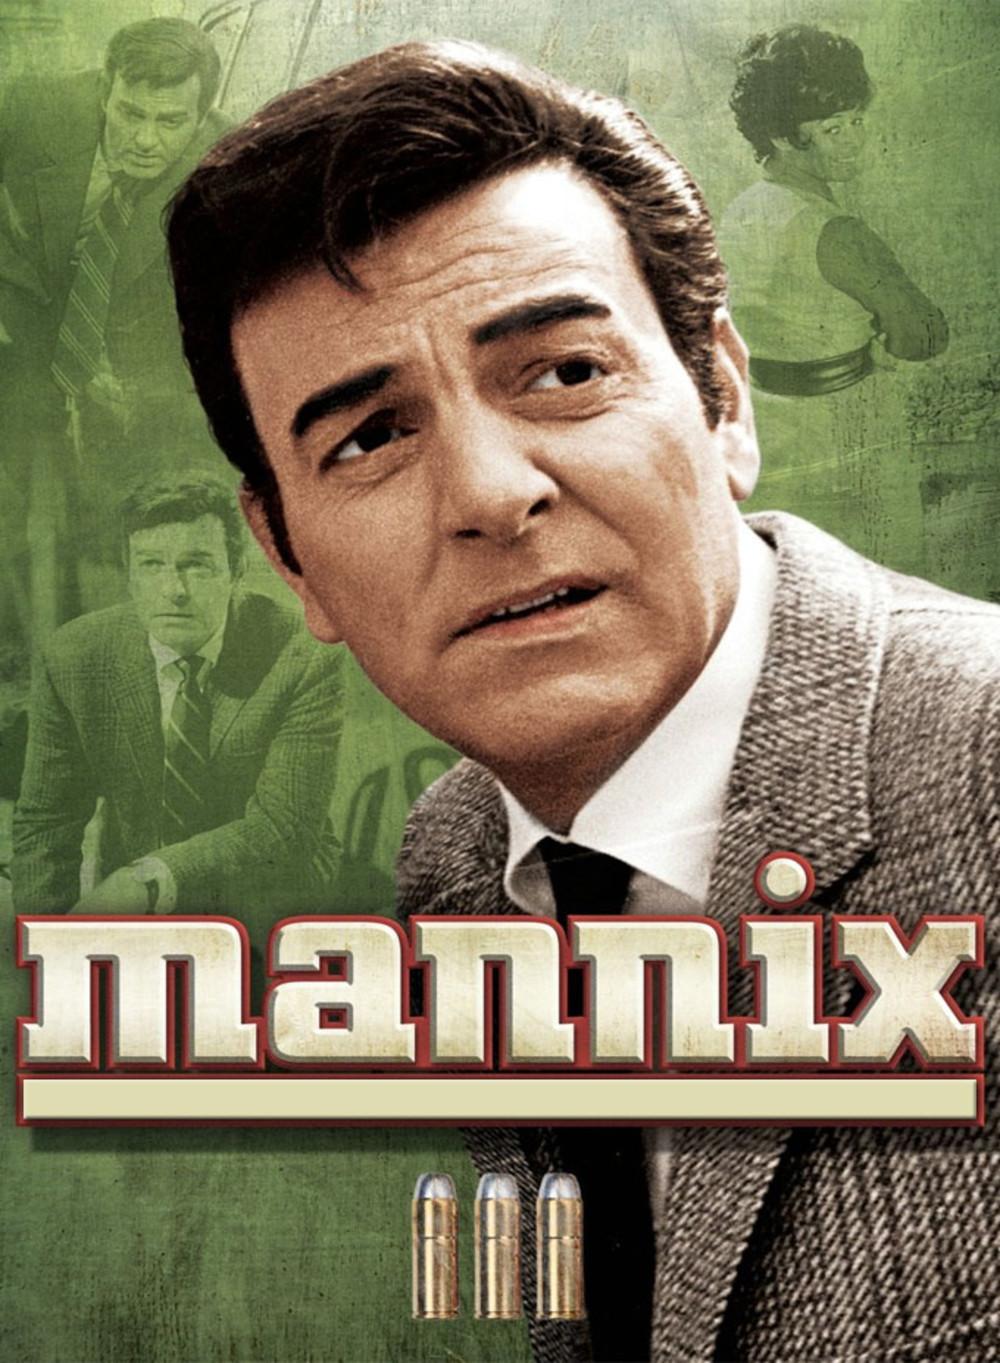 Mannix Green Car Tv Show